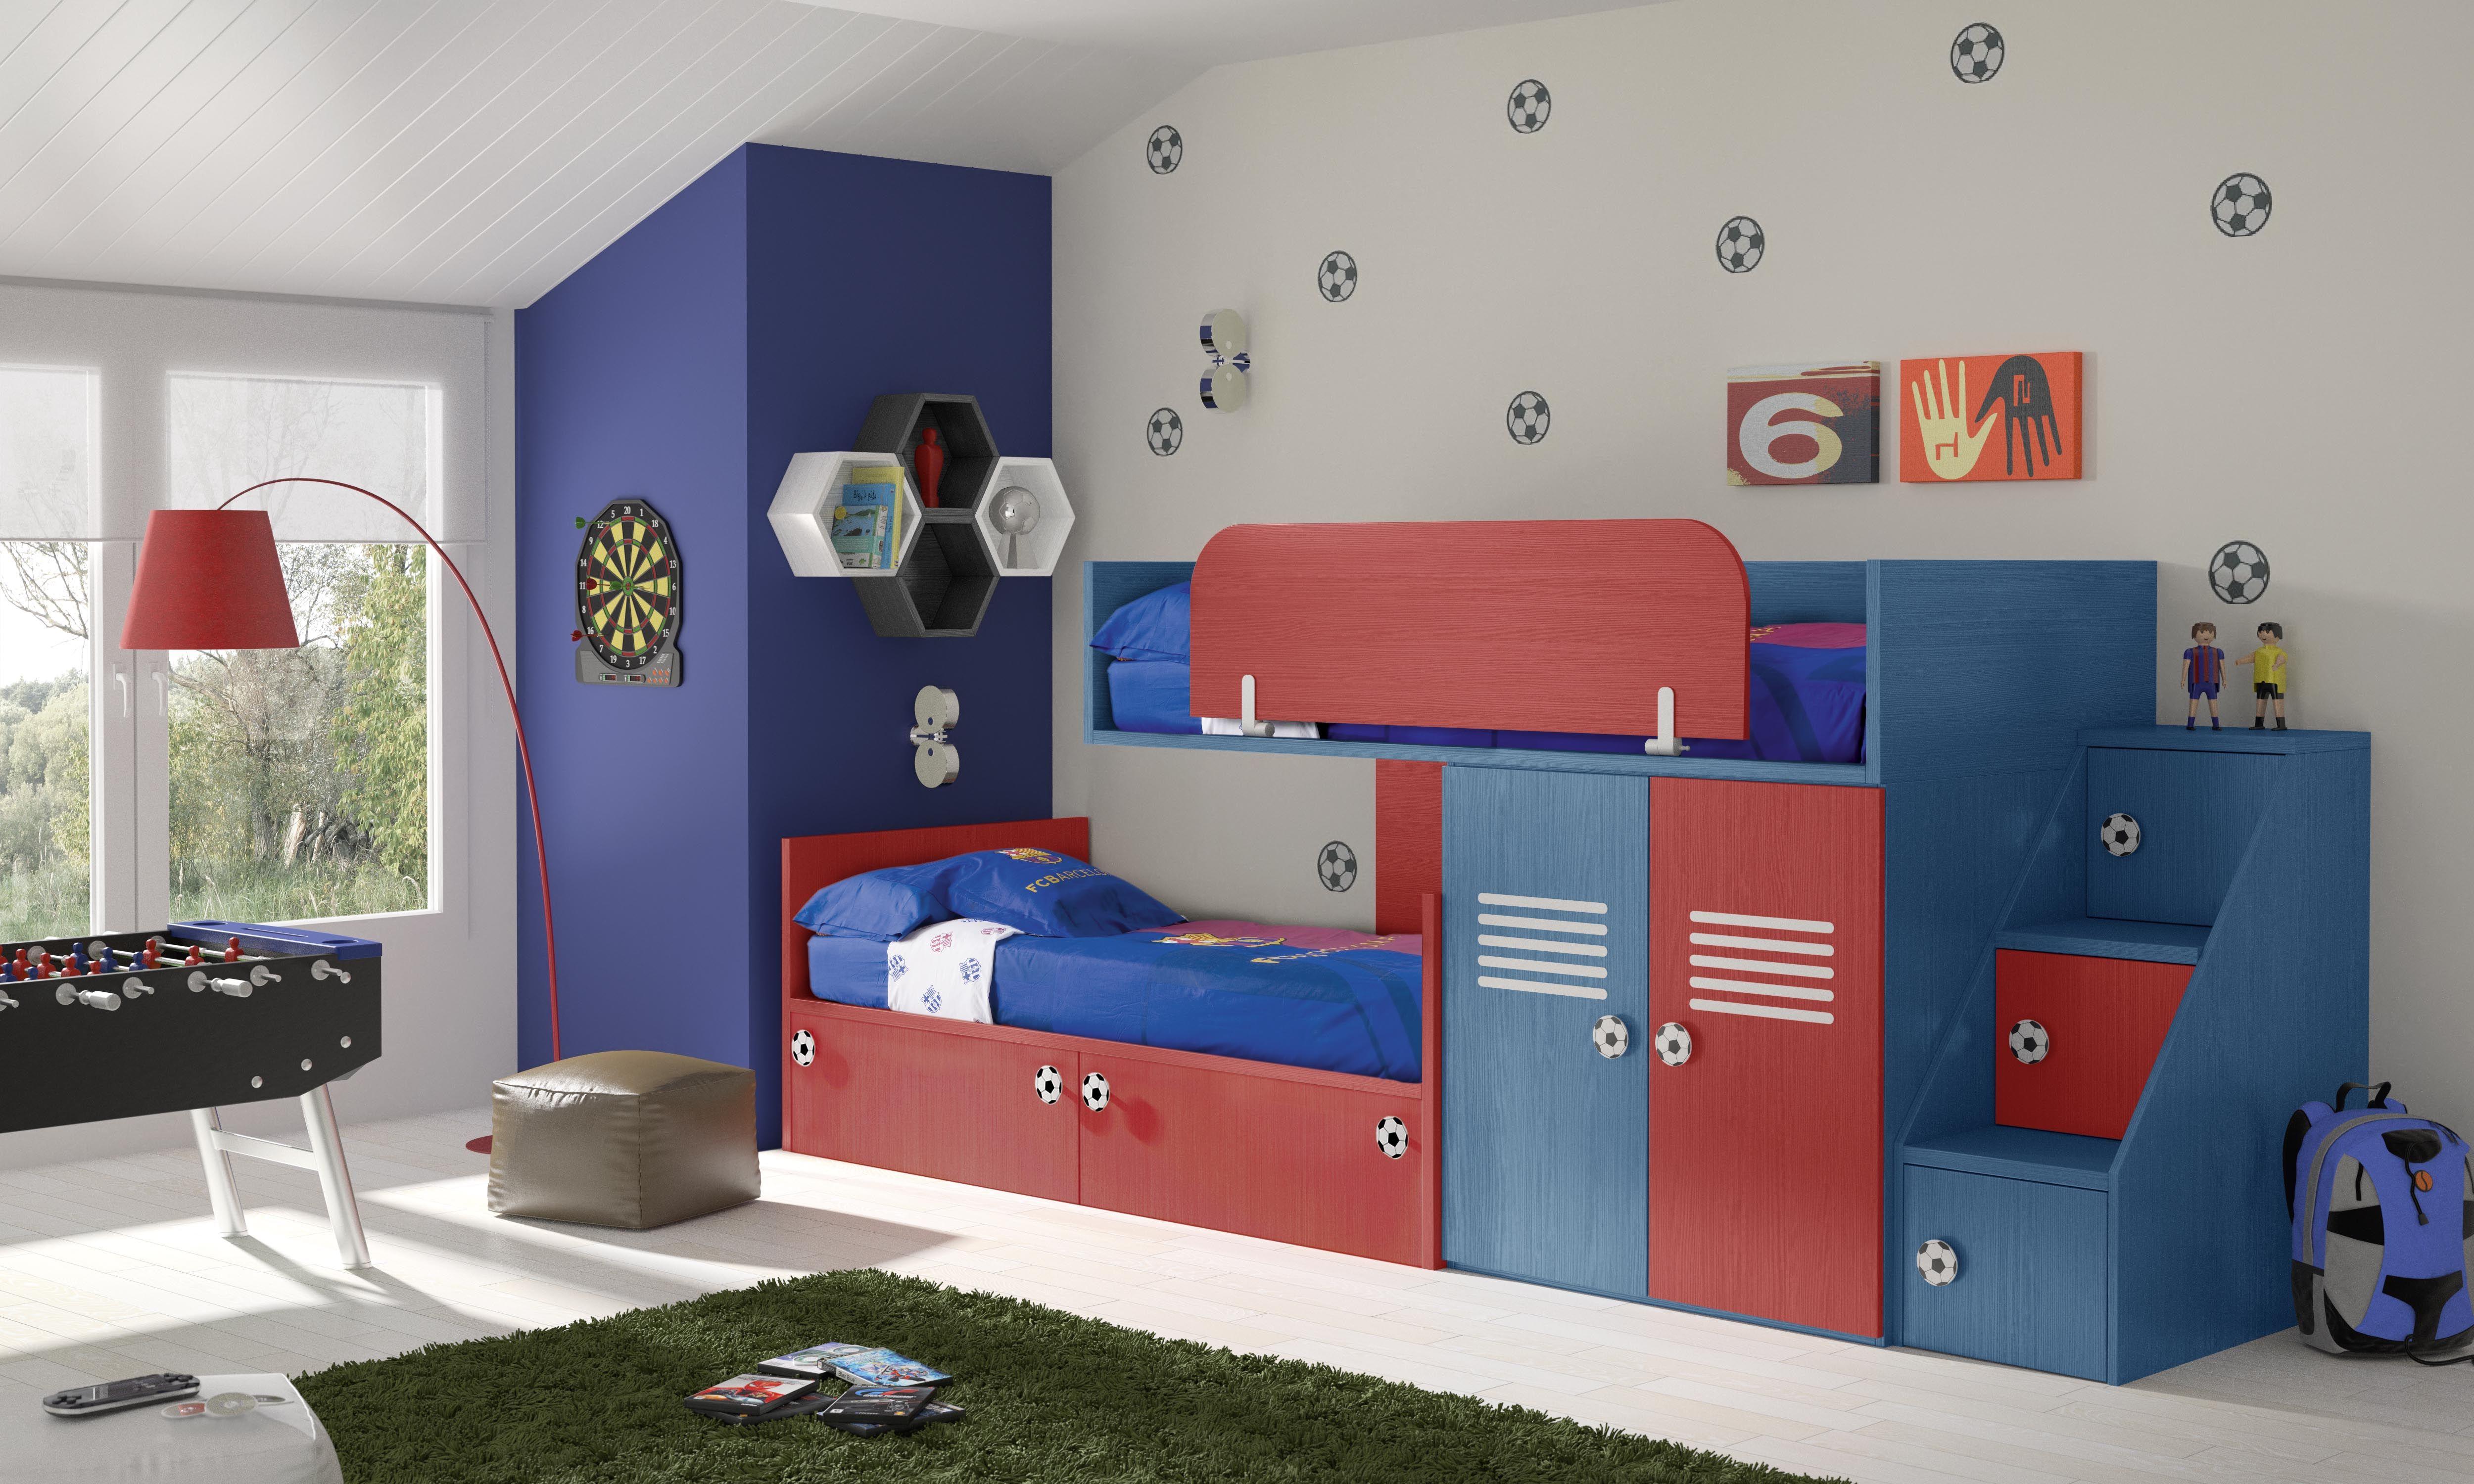 habitaciones infantiles temticas ftbol 1  Barcelona